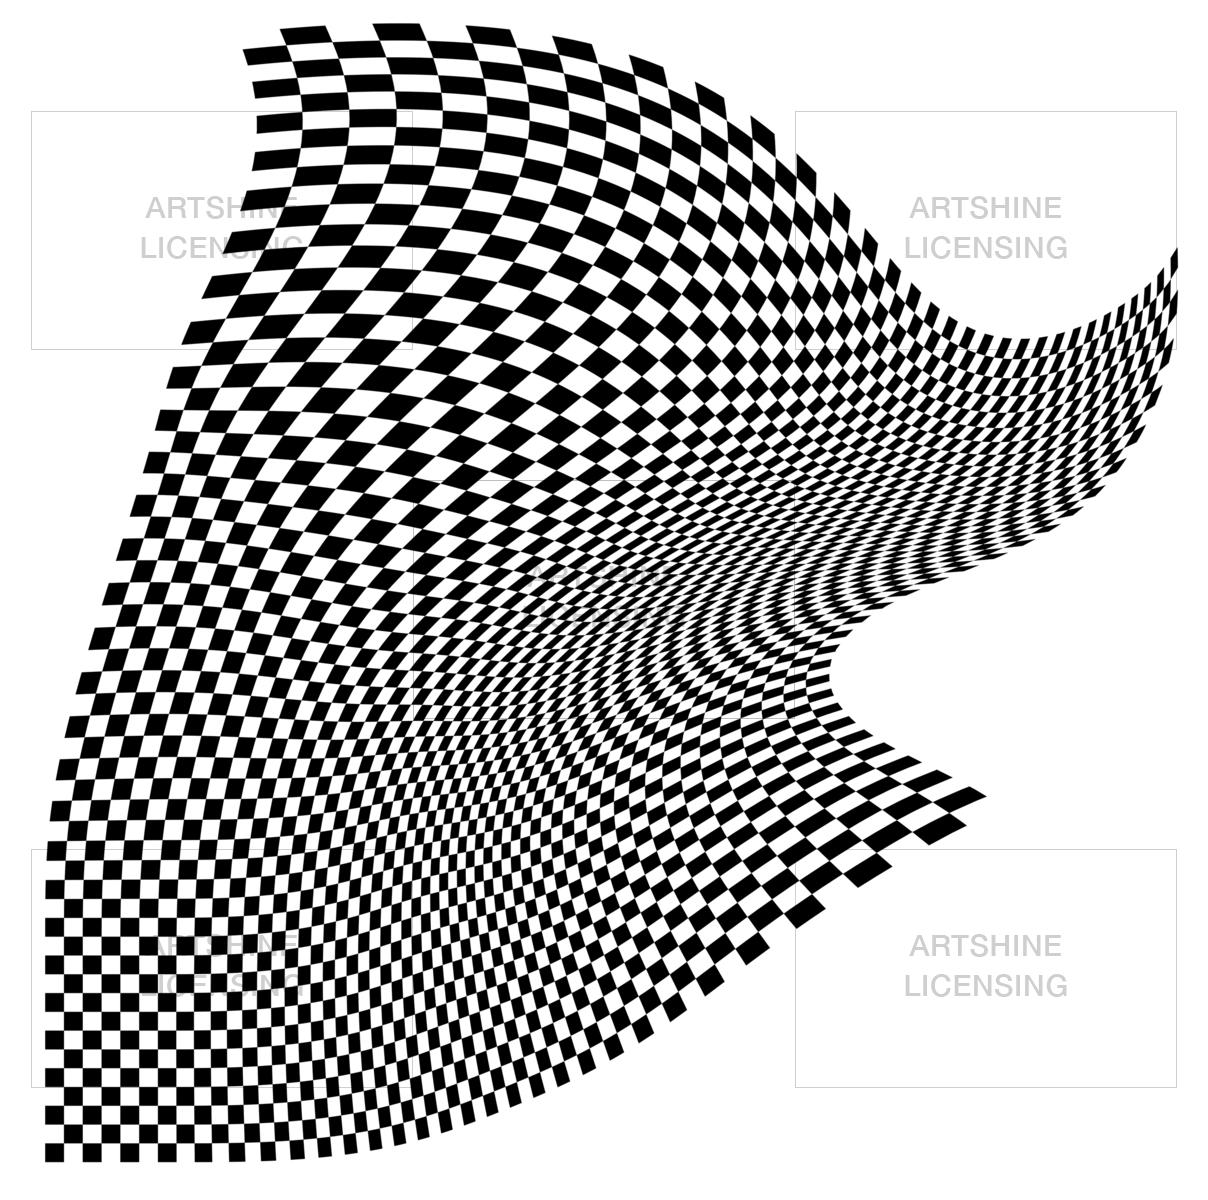 Optical art_17_JC